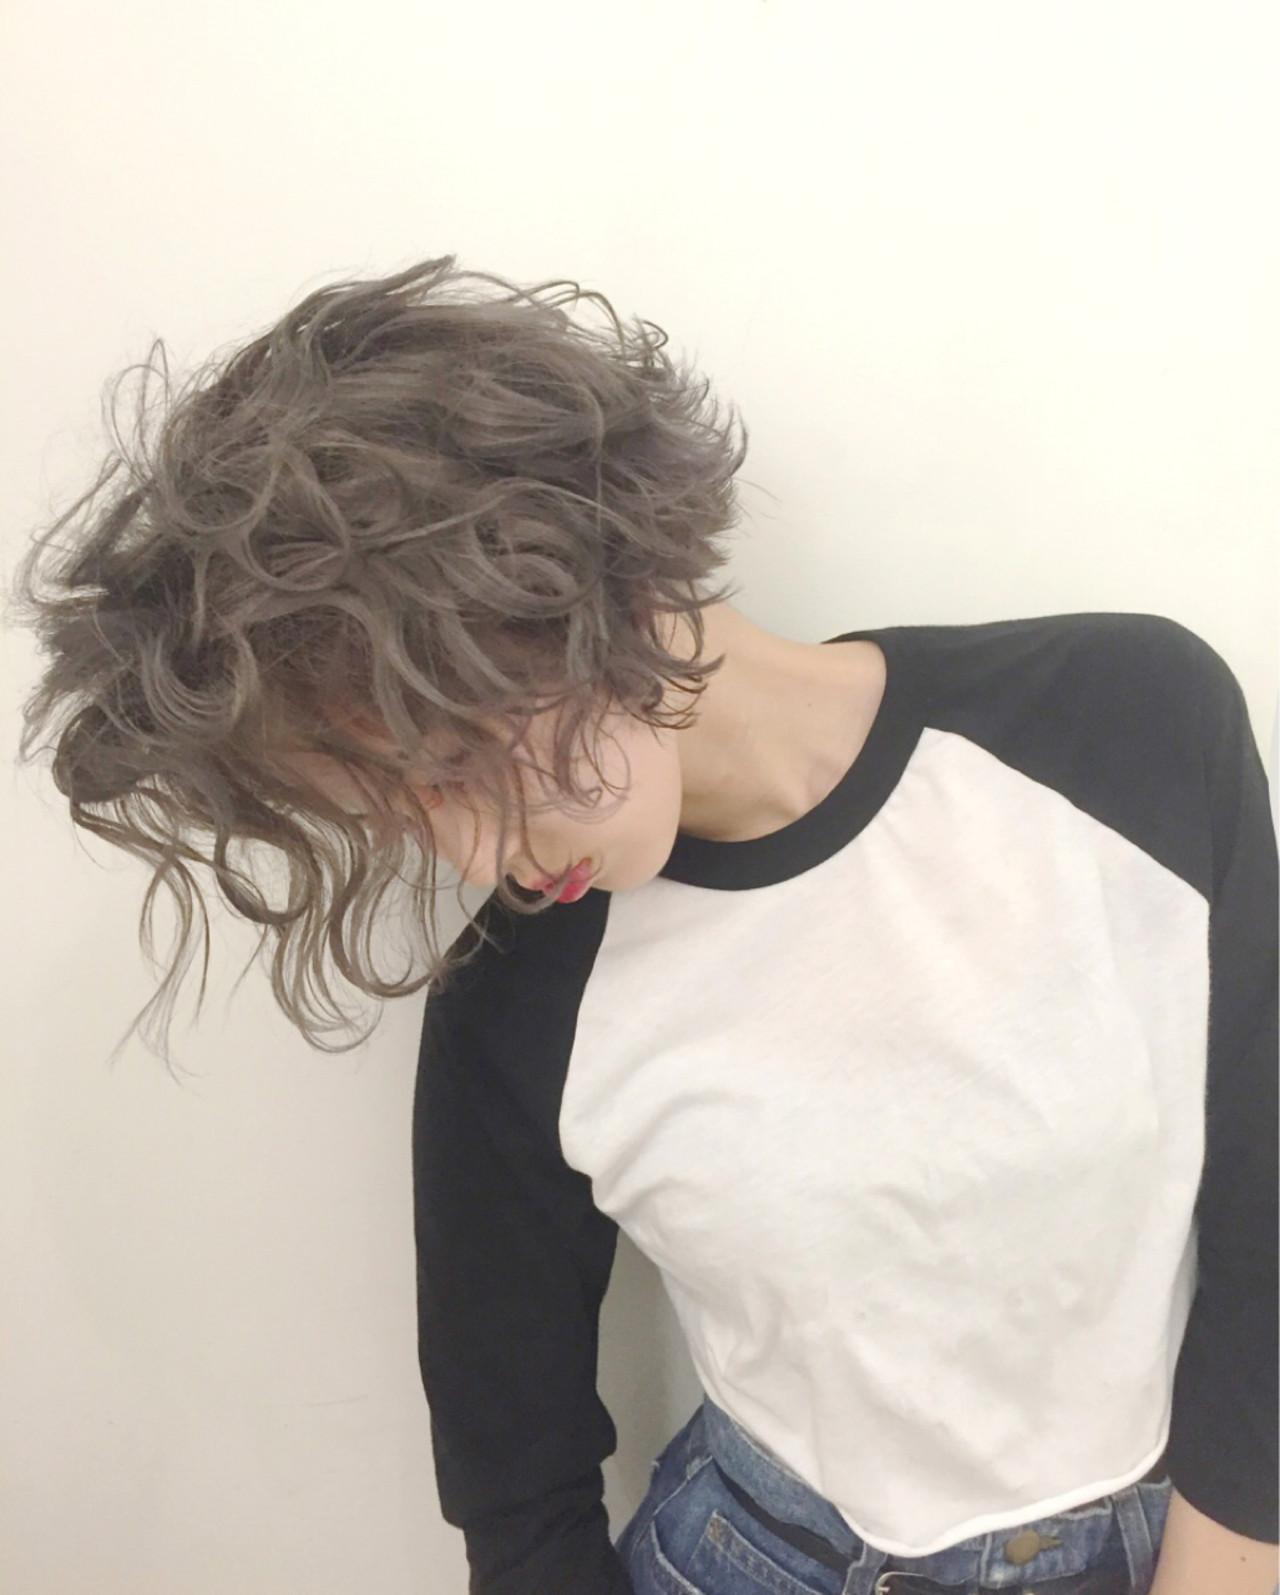 【2016夏ヘアアレンジ特集】ショートヘアでもできるアレンジ♡この夏のスタイル可愛さ倍増しちゃえ♪ 大石 卓